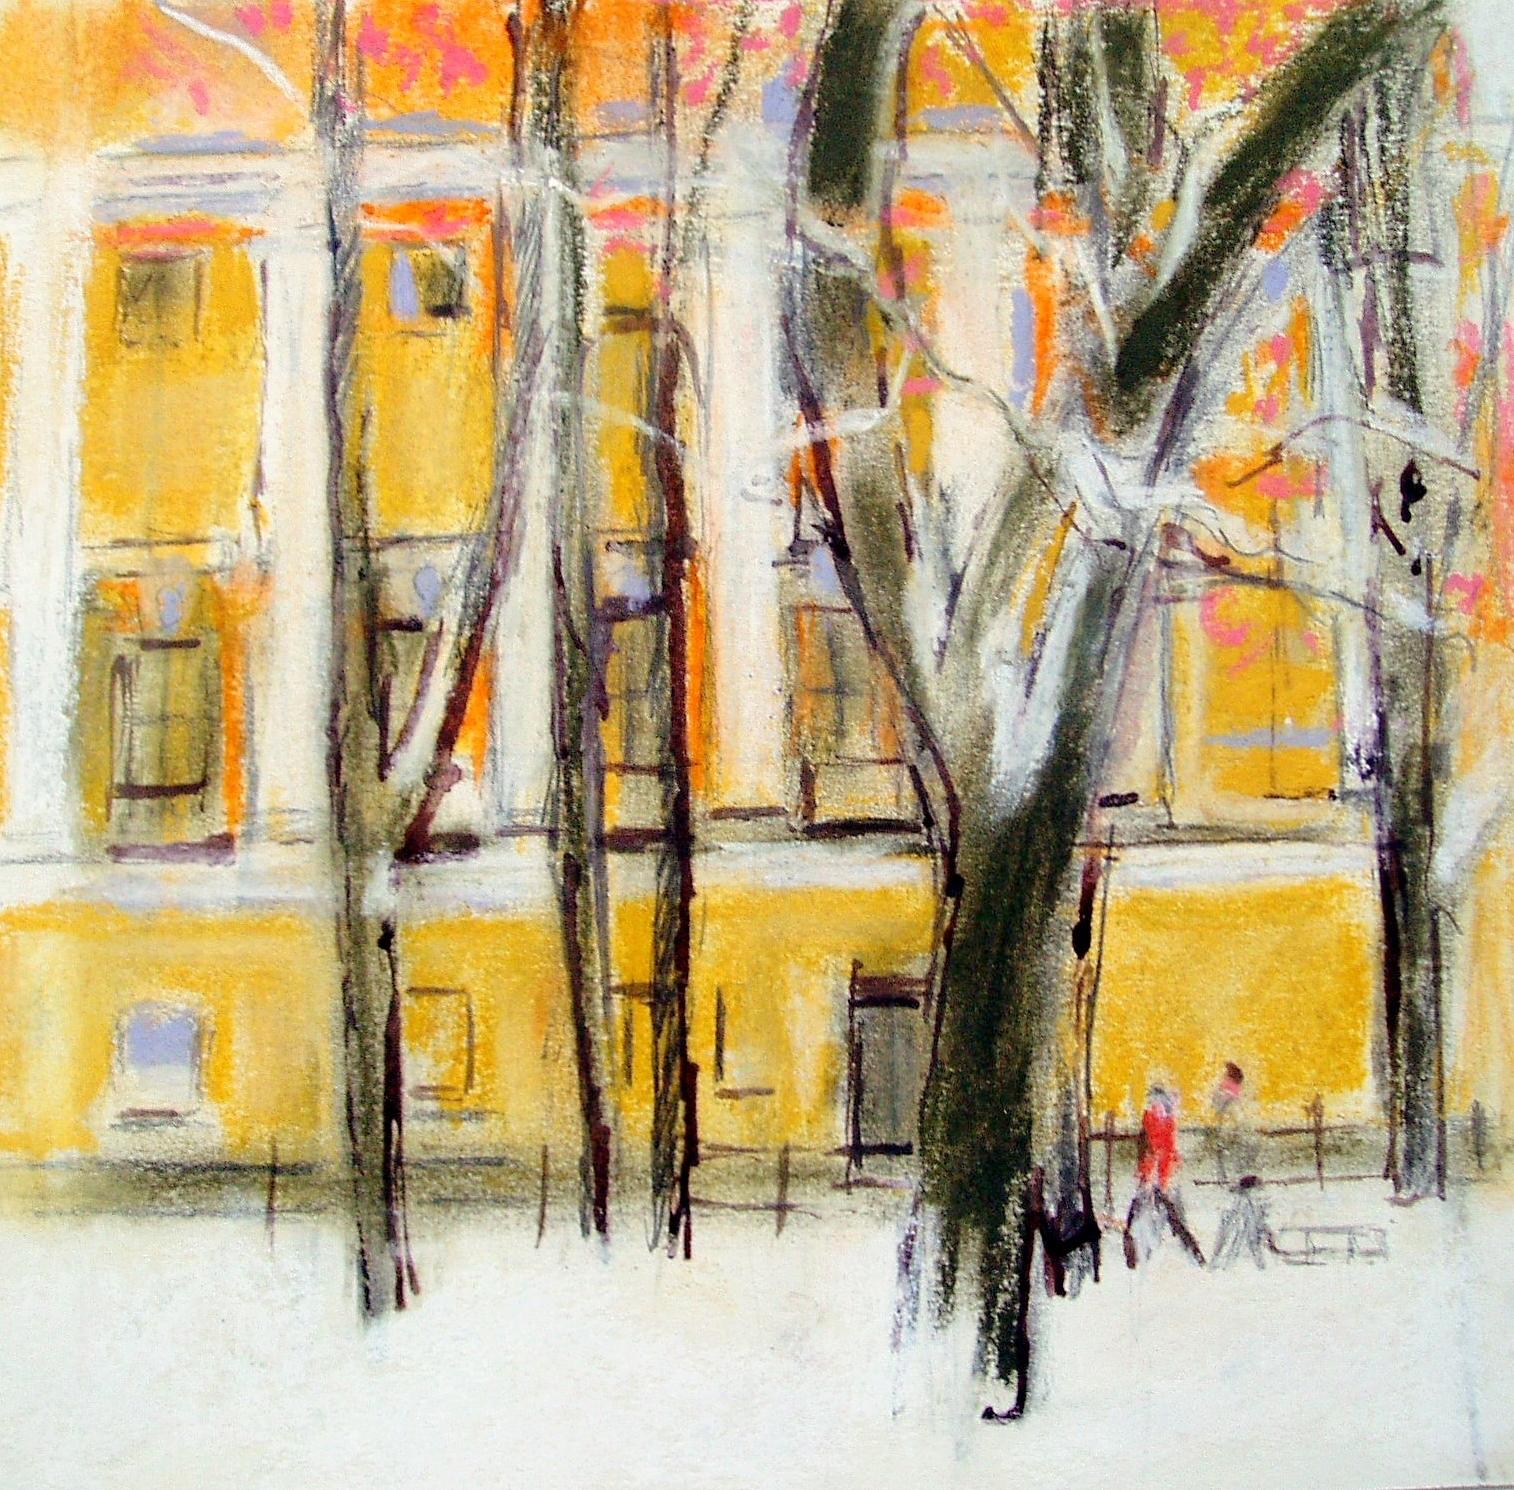 Winter, St. Petersburg